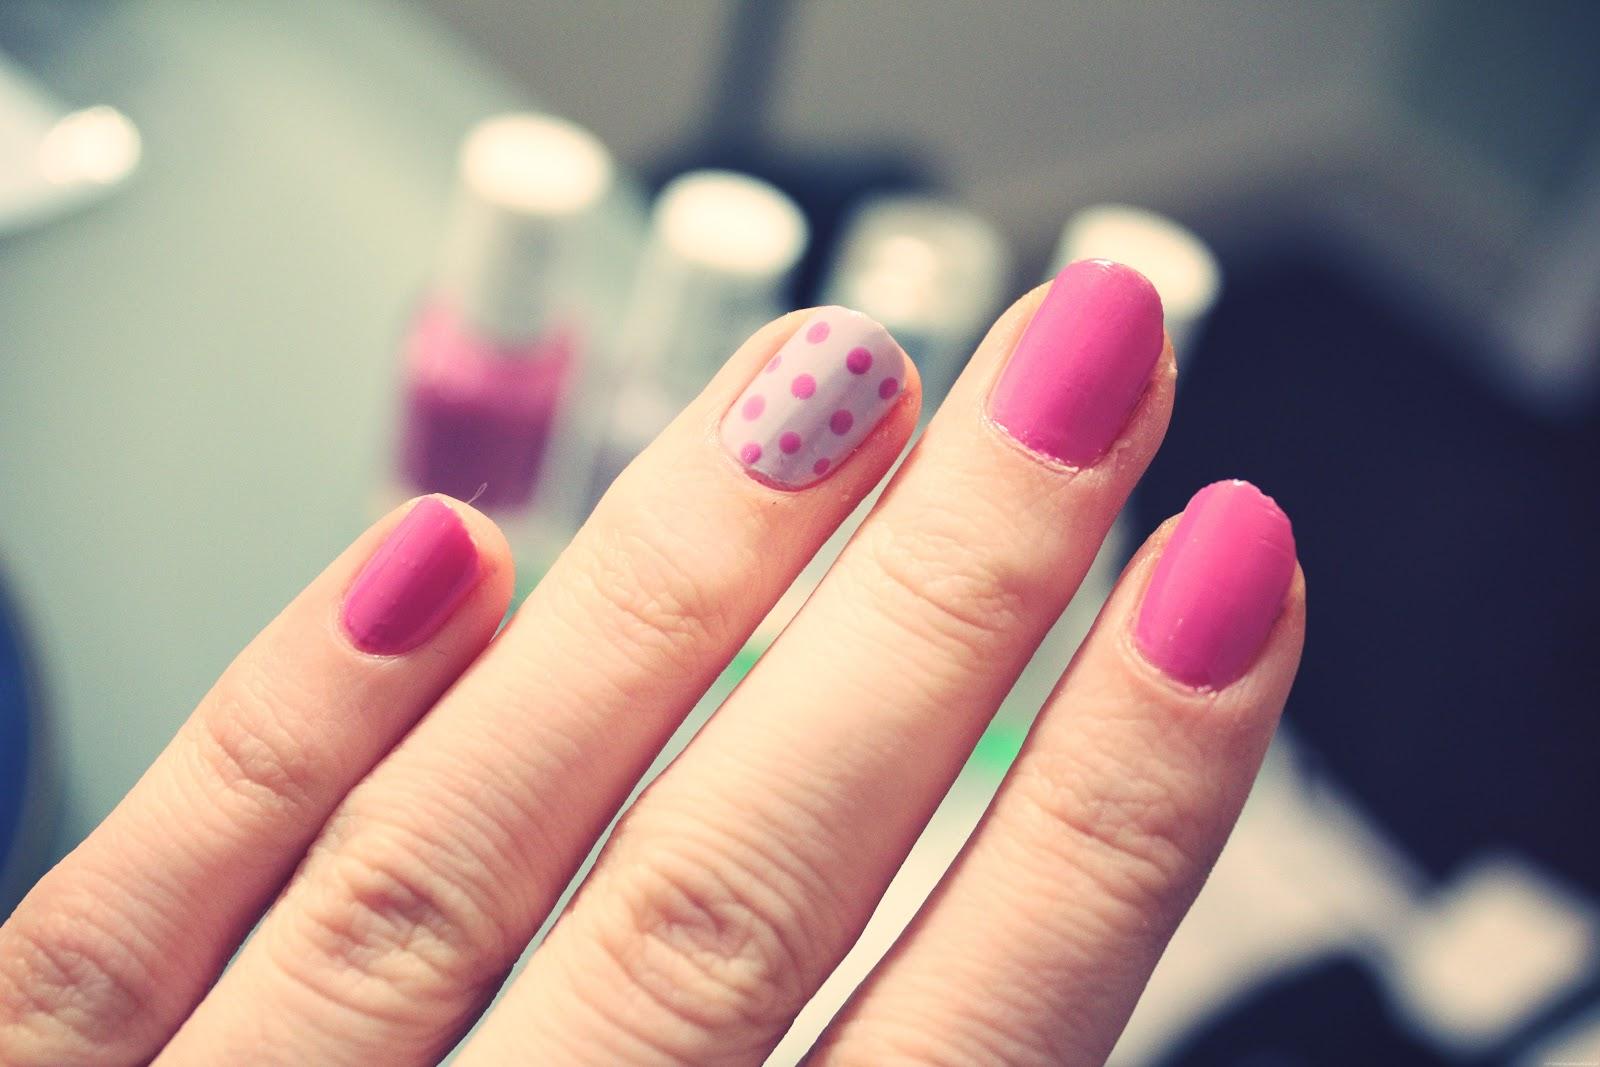 Barbie Nails – Lily Pebbles